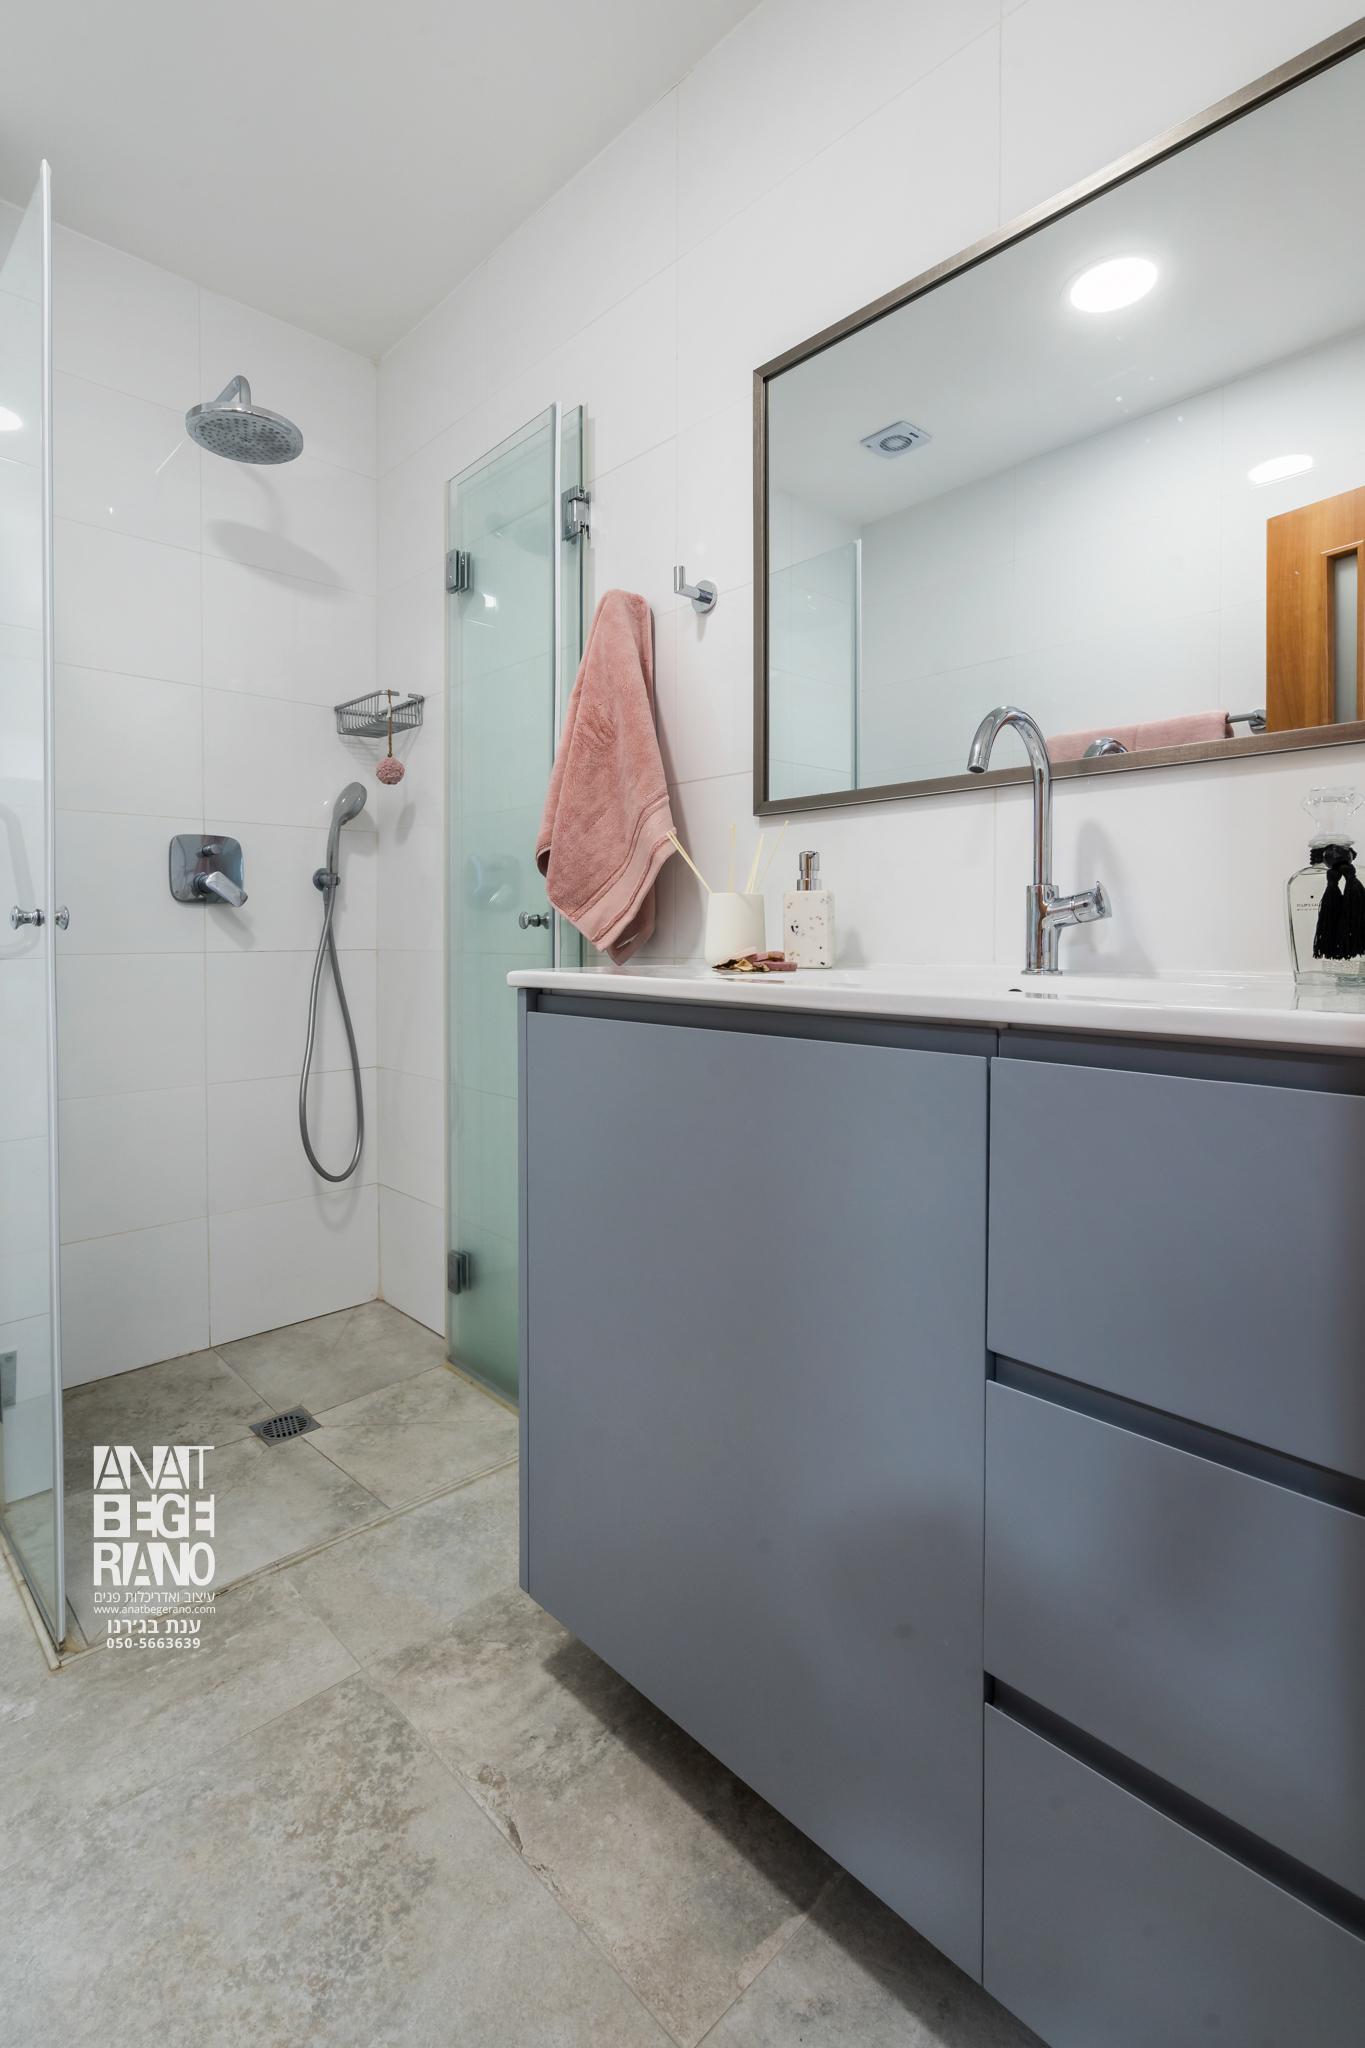 כיור ומקלחת בחדר רחצה